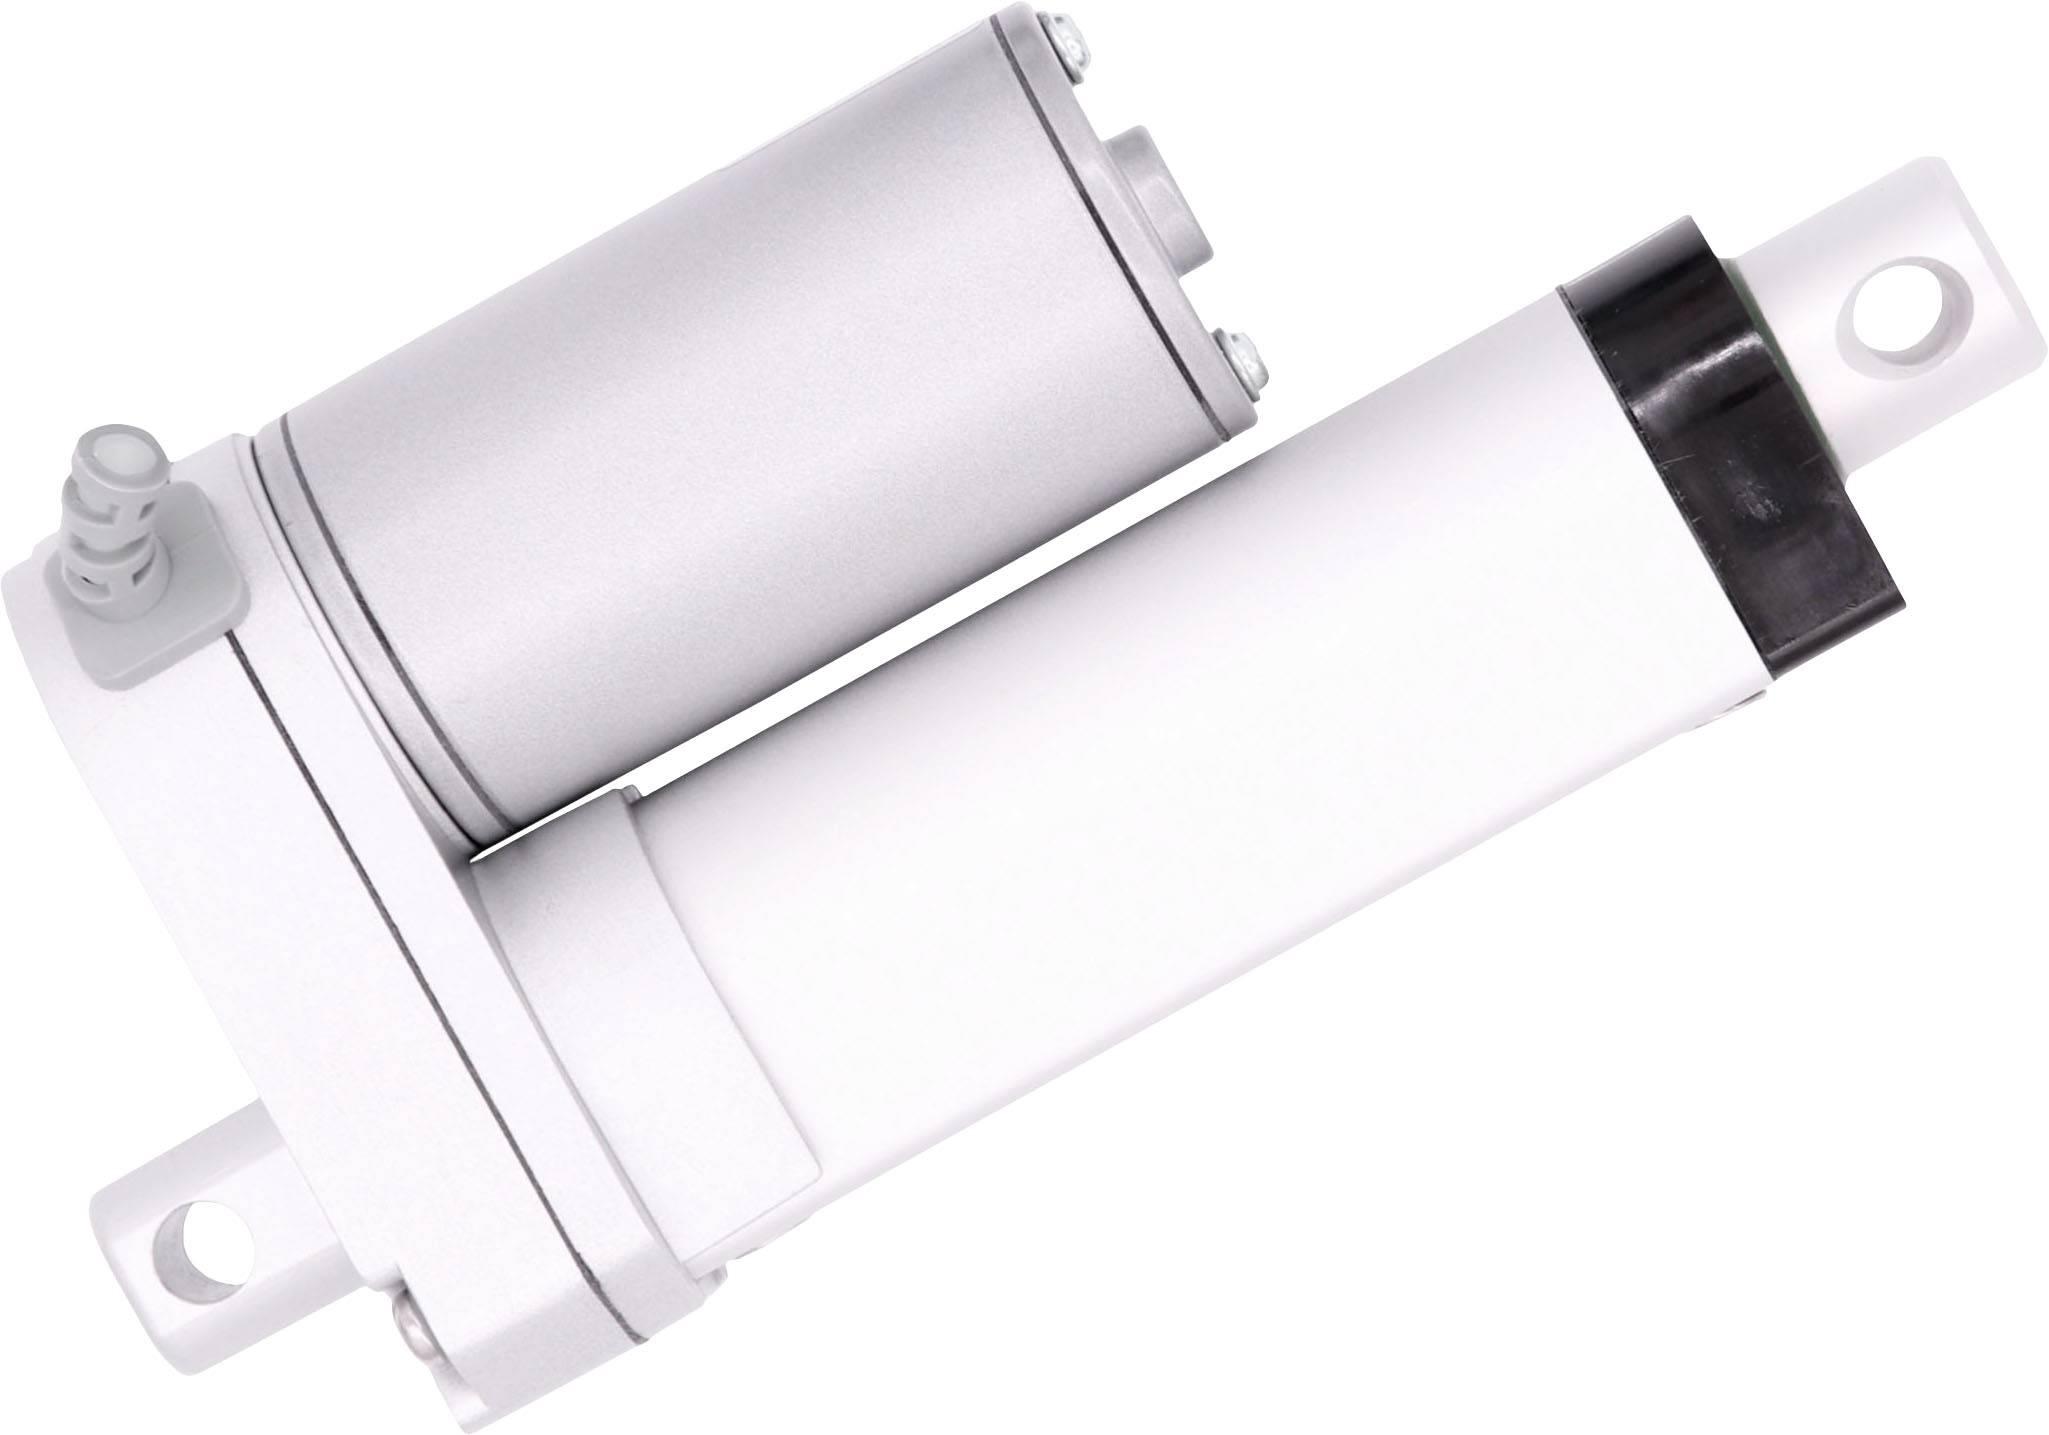 Lineárny servomotor Drive-System Europe DSZY1-12-40-A-050-IP65, 1000 N, 12 V/DC, dĺžka 50 mm